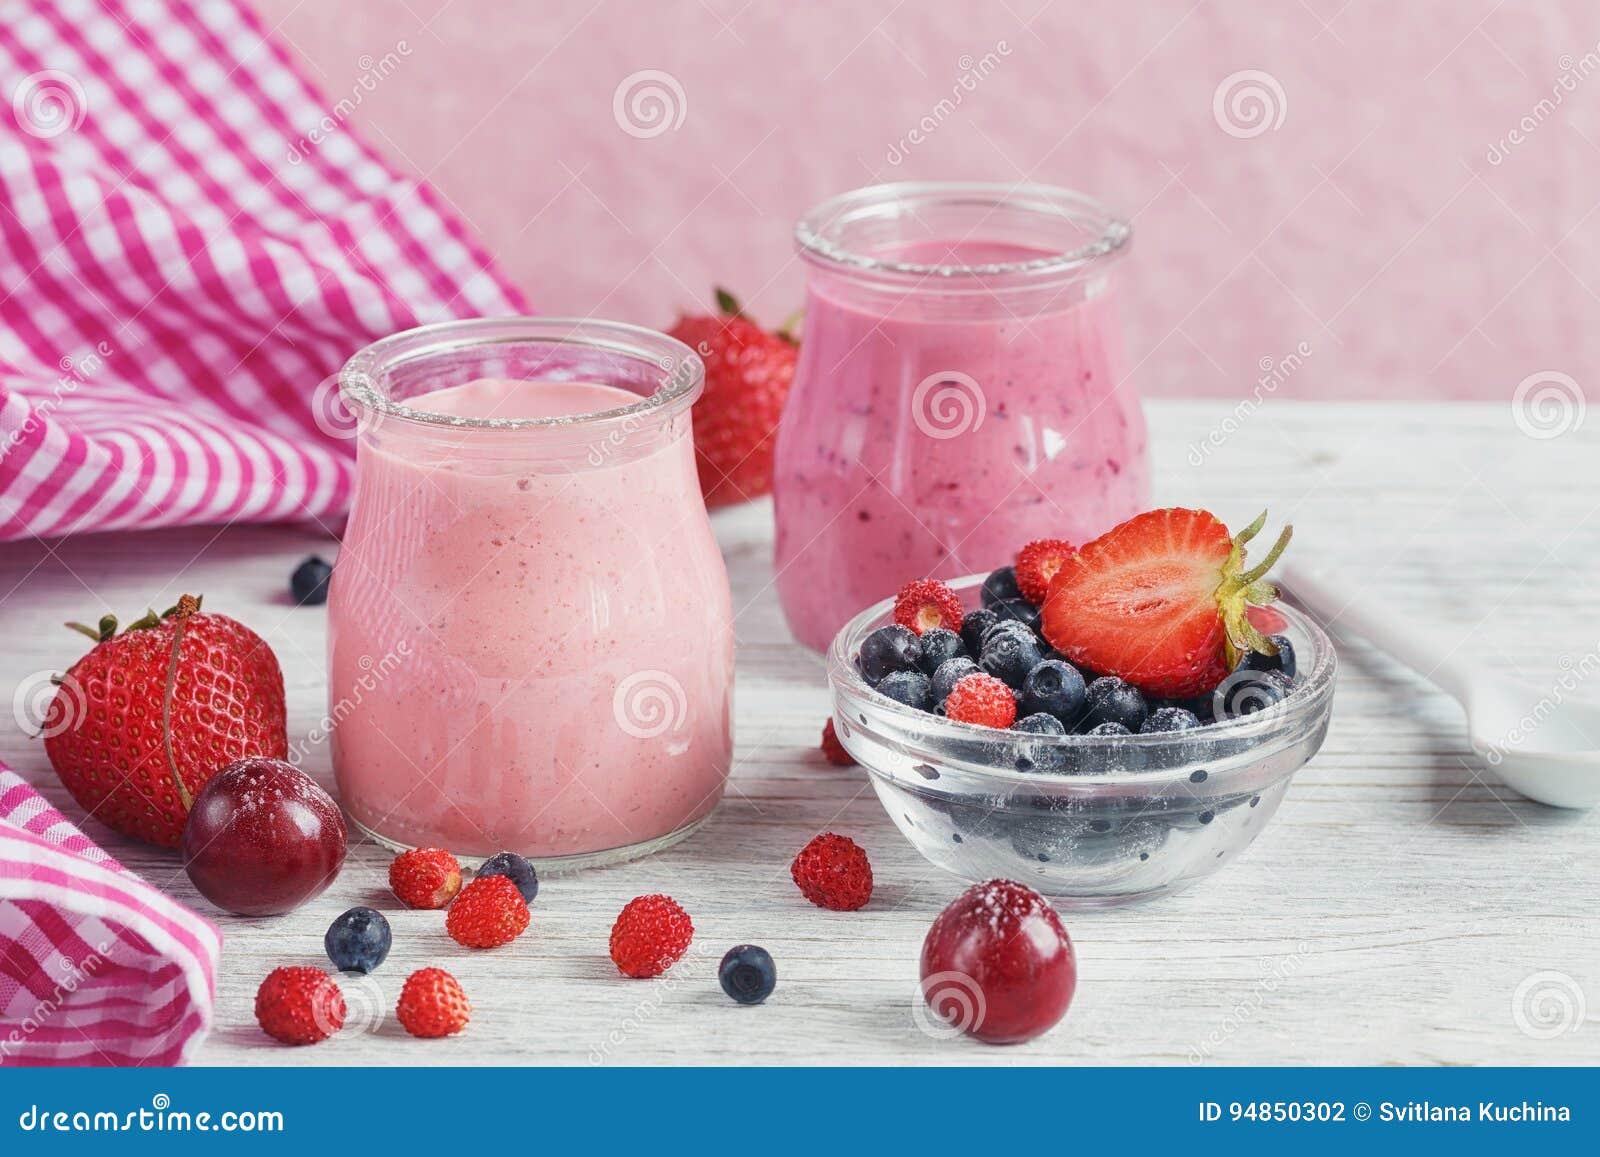 Картинки: растение, фрукты, ягода, милая, утро, стакан, блюдо.